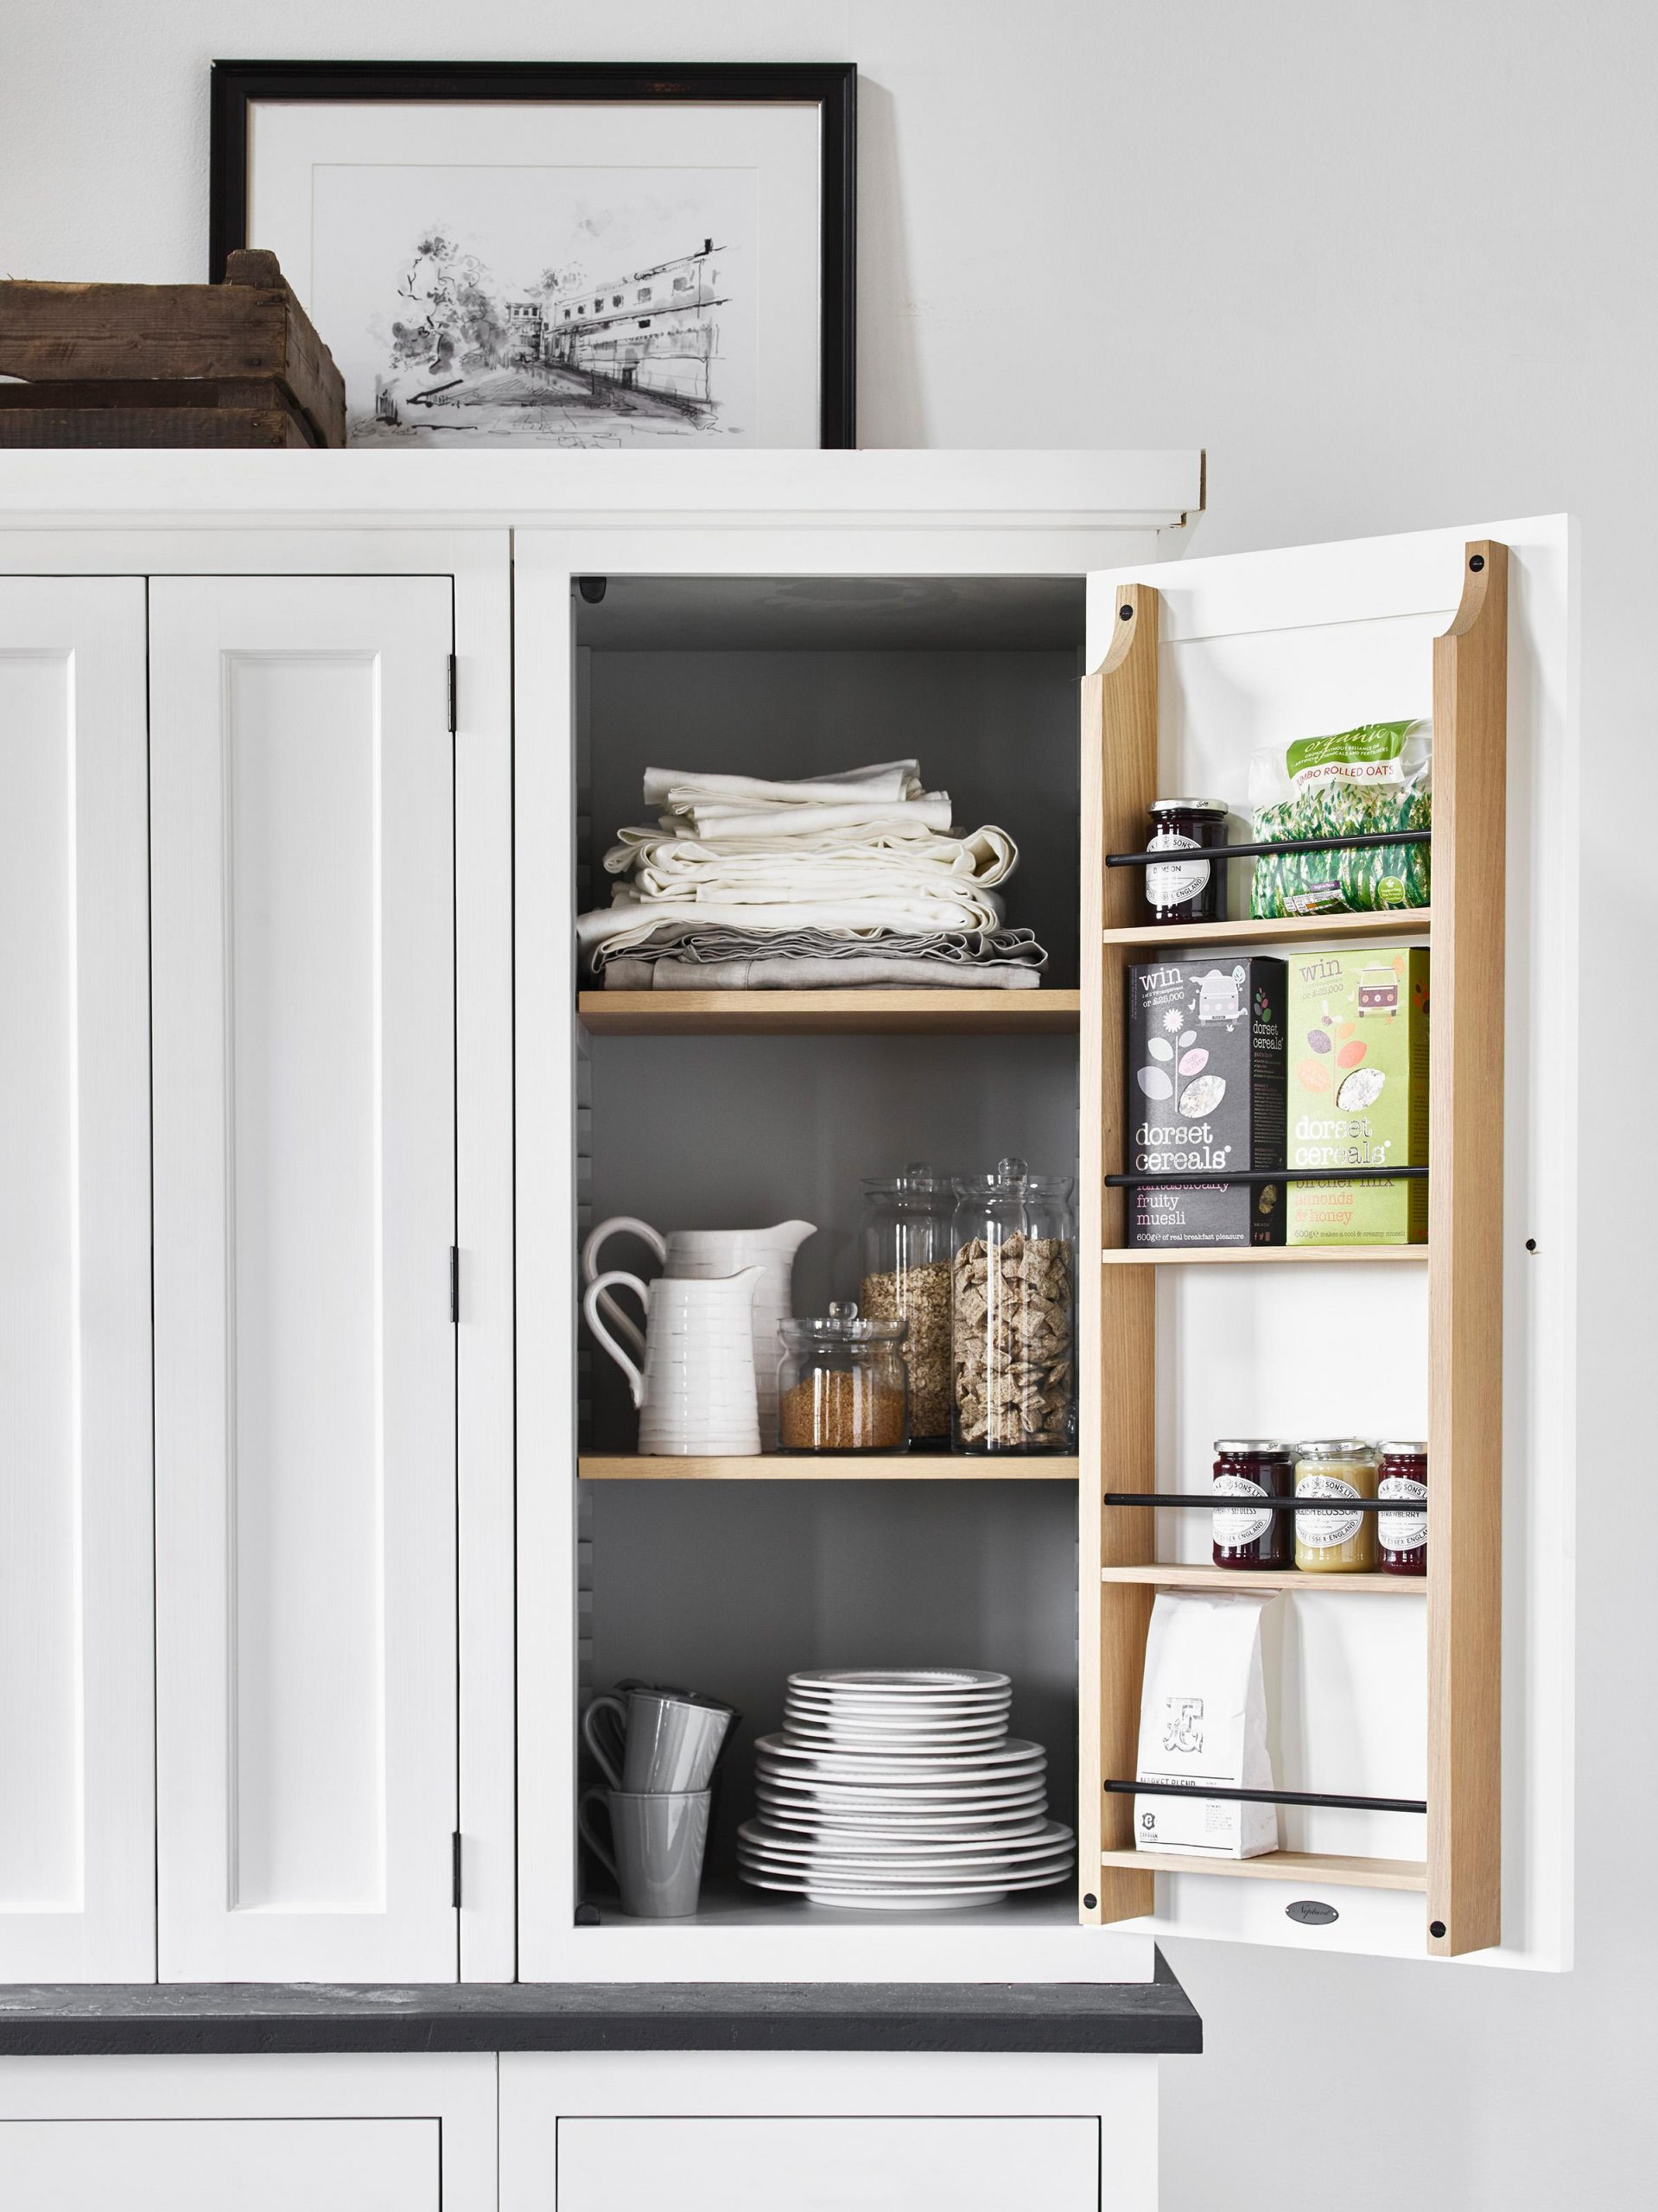 Full Size of Küche Aufbewahrung Küche Aufbewahrung Edelstahl Küche Aufbewahrung Vintage Ideen Kleine Küche Aufbewahrung Küche Küche Aufbewahrung